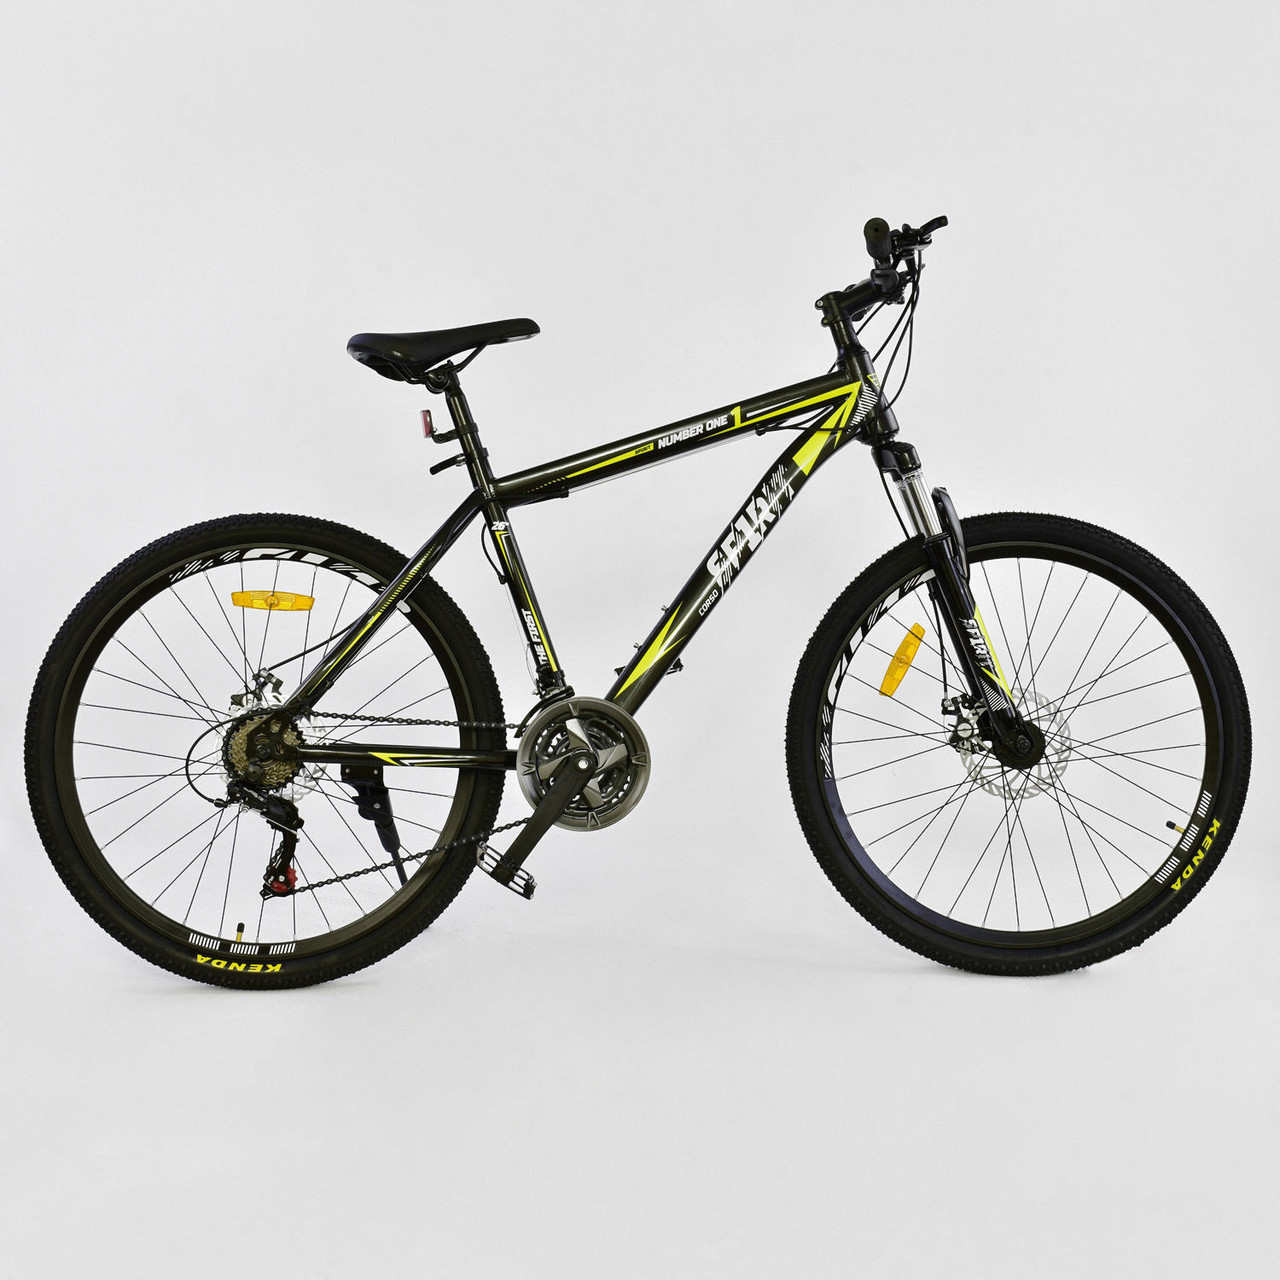 Велосипед Спортивный Corso Spirit 26 дюймов JYT 001 - 2261 Black-Yellow Собран на 75%